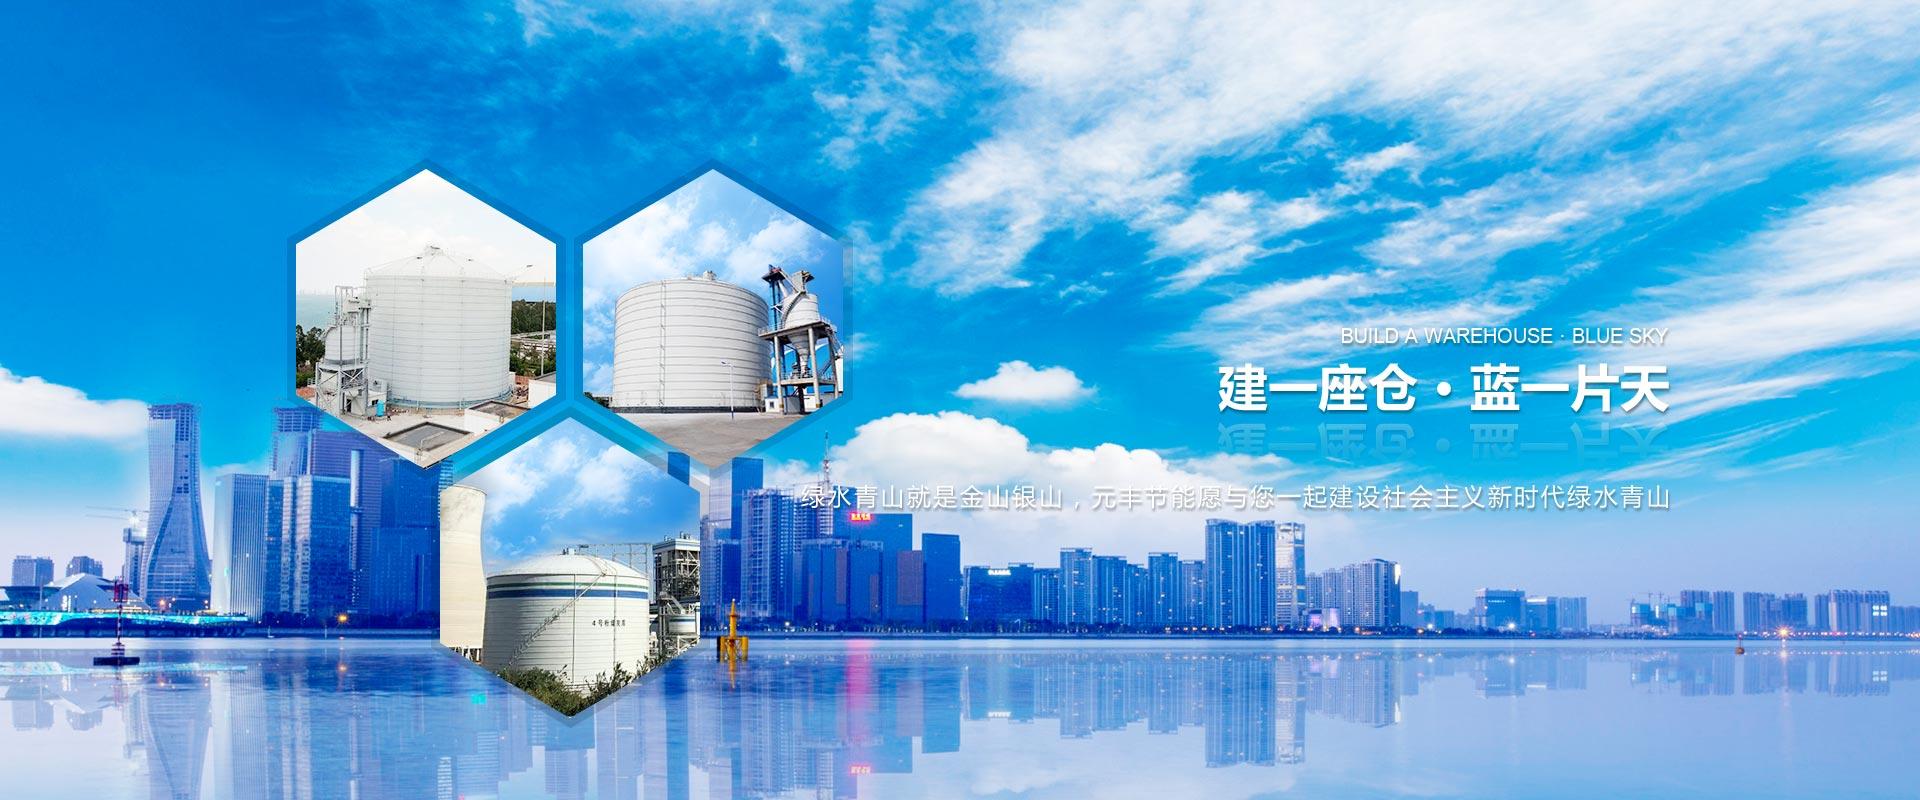 元豐鋼板倉:粉煤灰鋼板倉和粉煤灰鋼板庫提升環保新要求